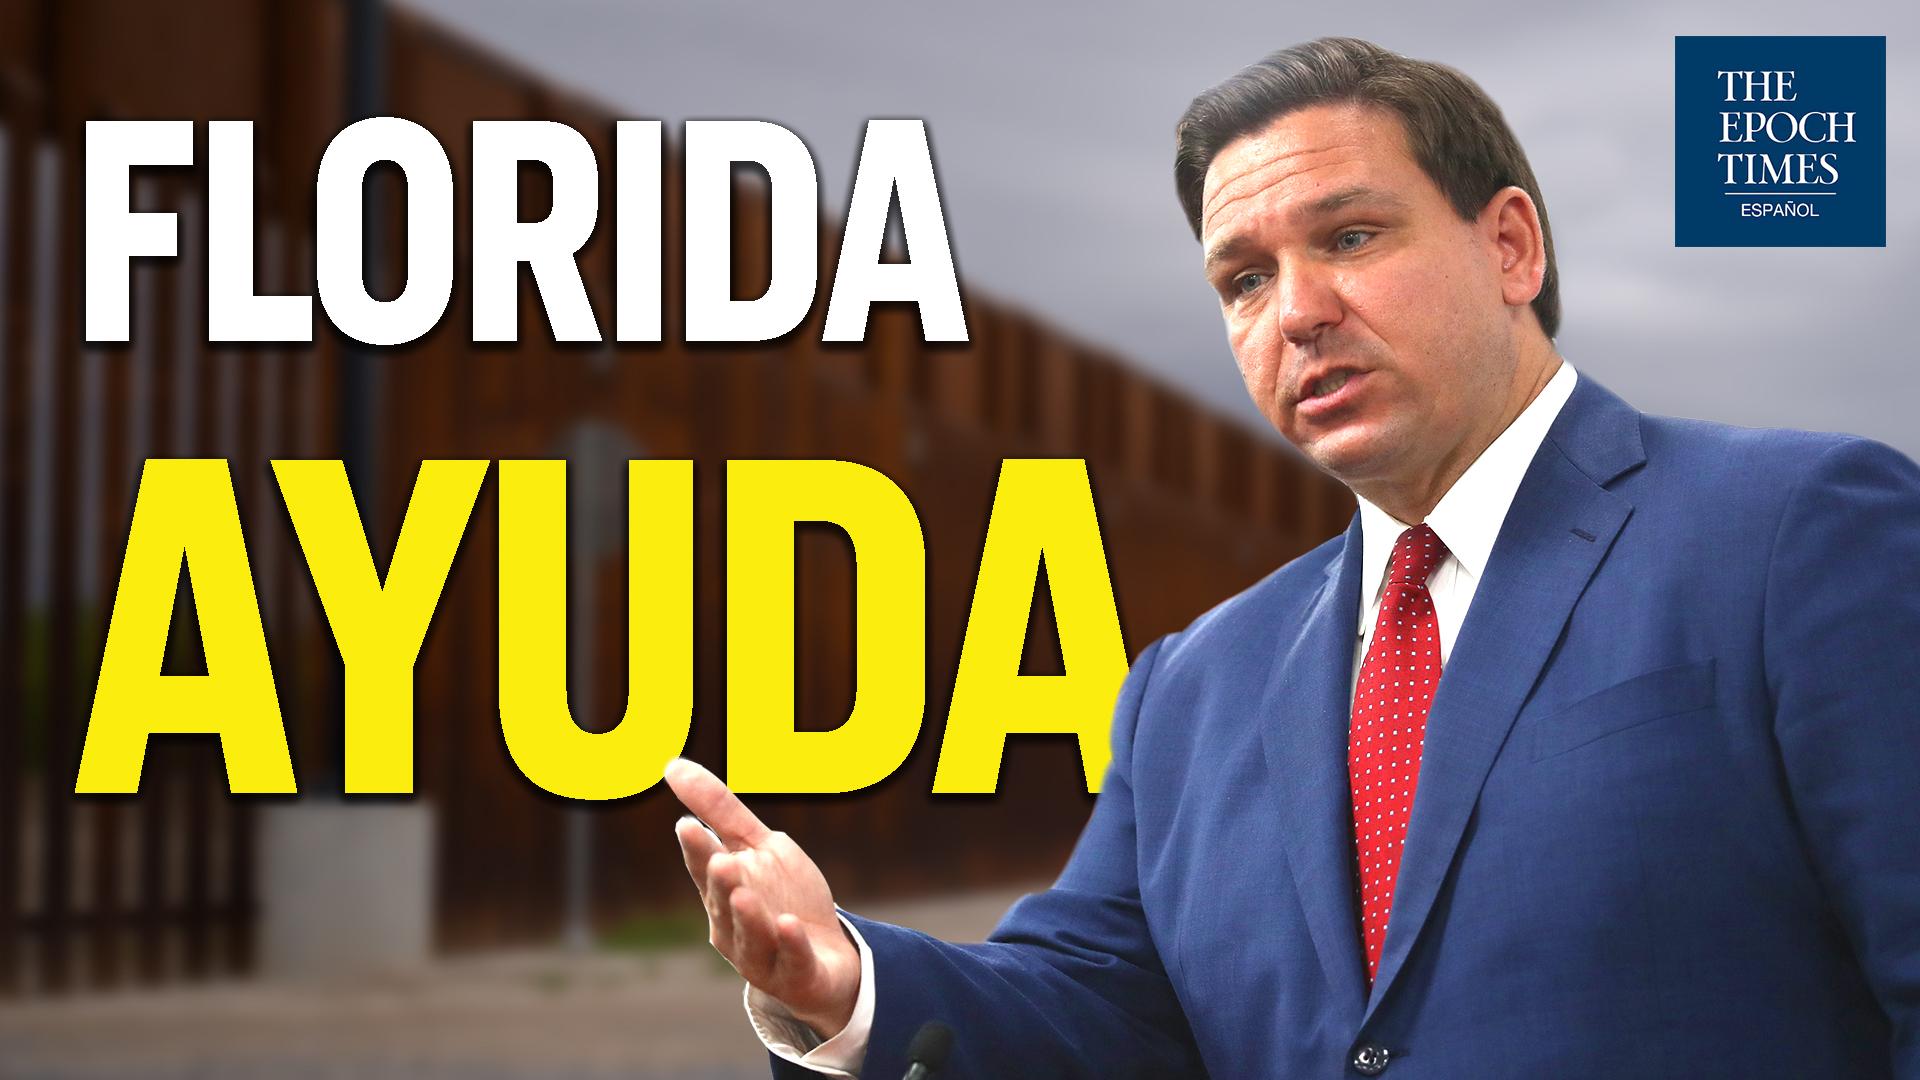 Al Descubierto: Florida envía ayuda contra crisis fronteriza | Proyecto bipartidista antimonopolio contra Big Tech